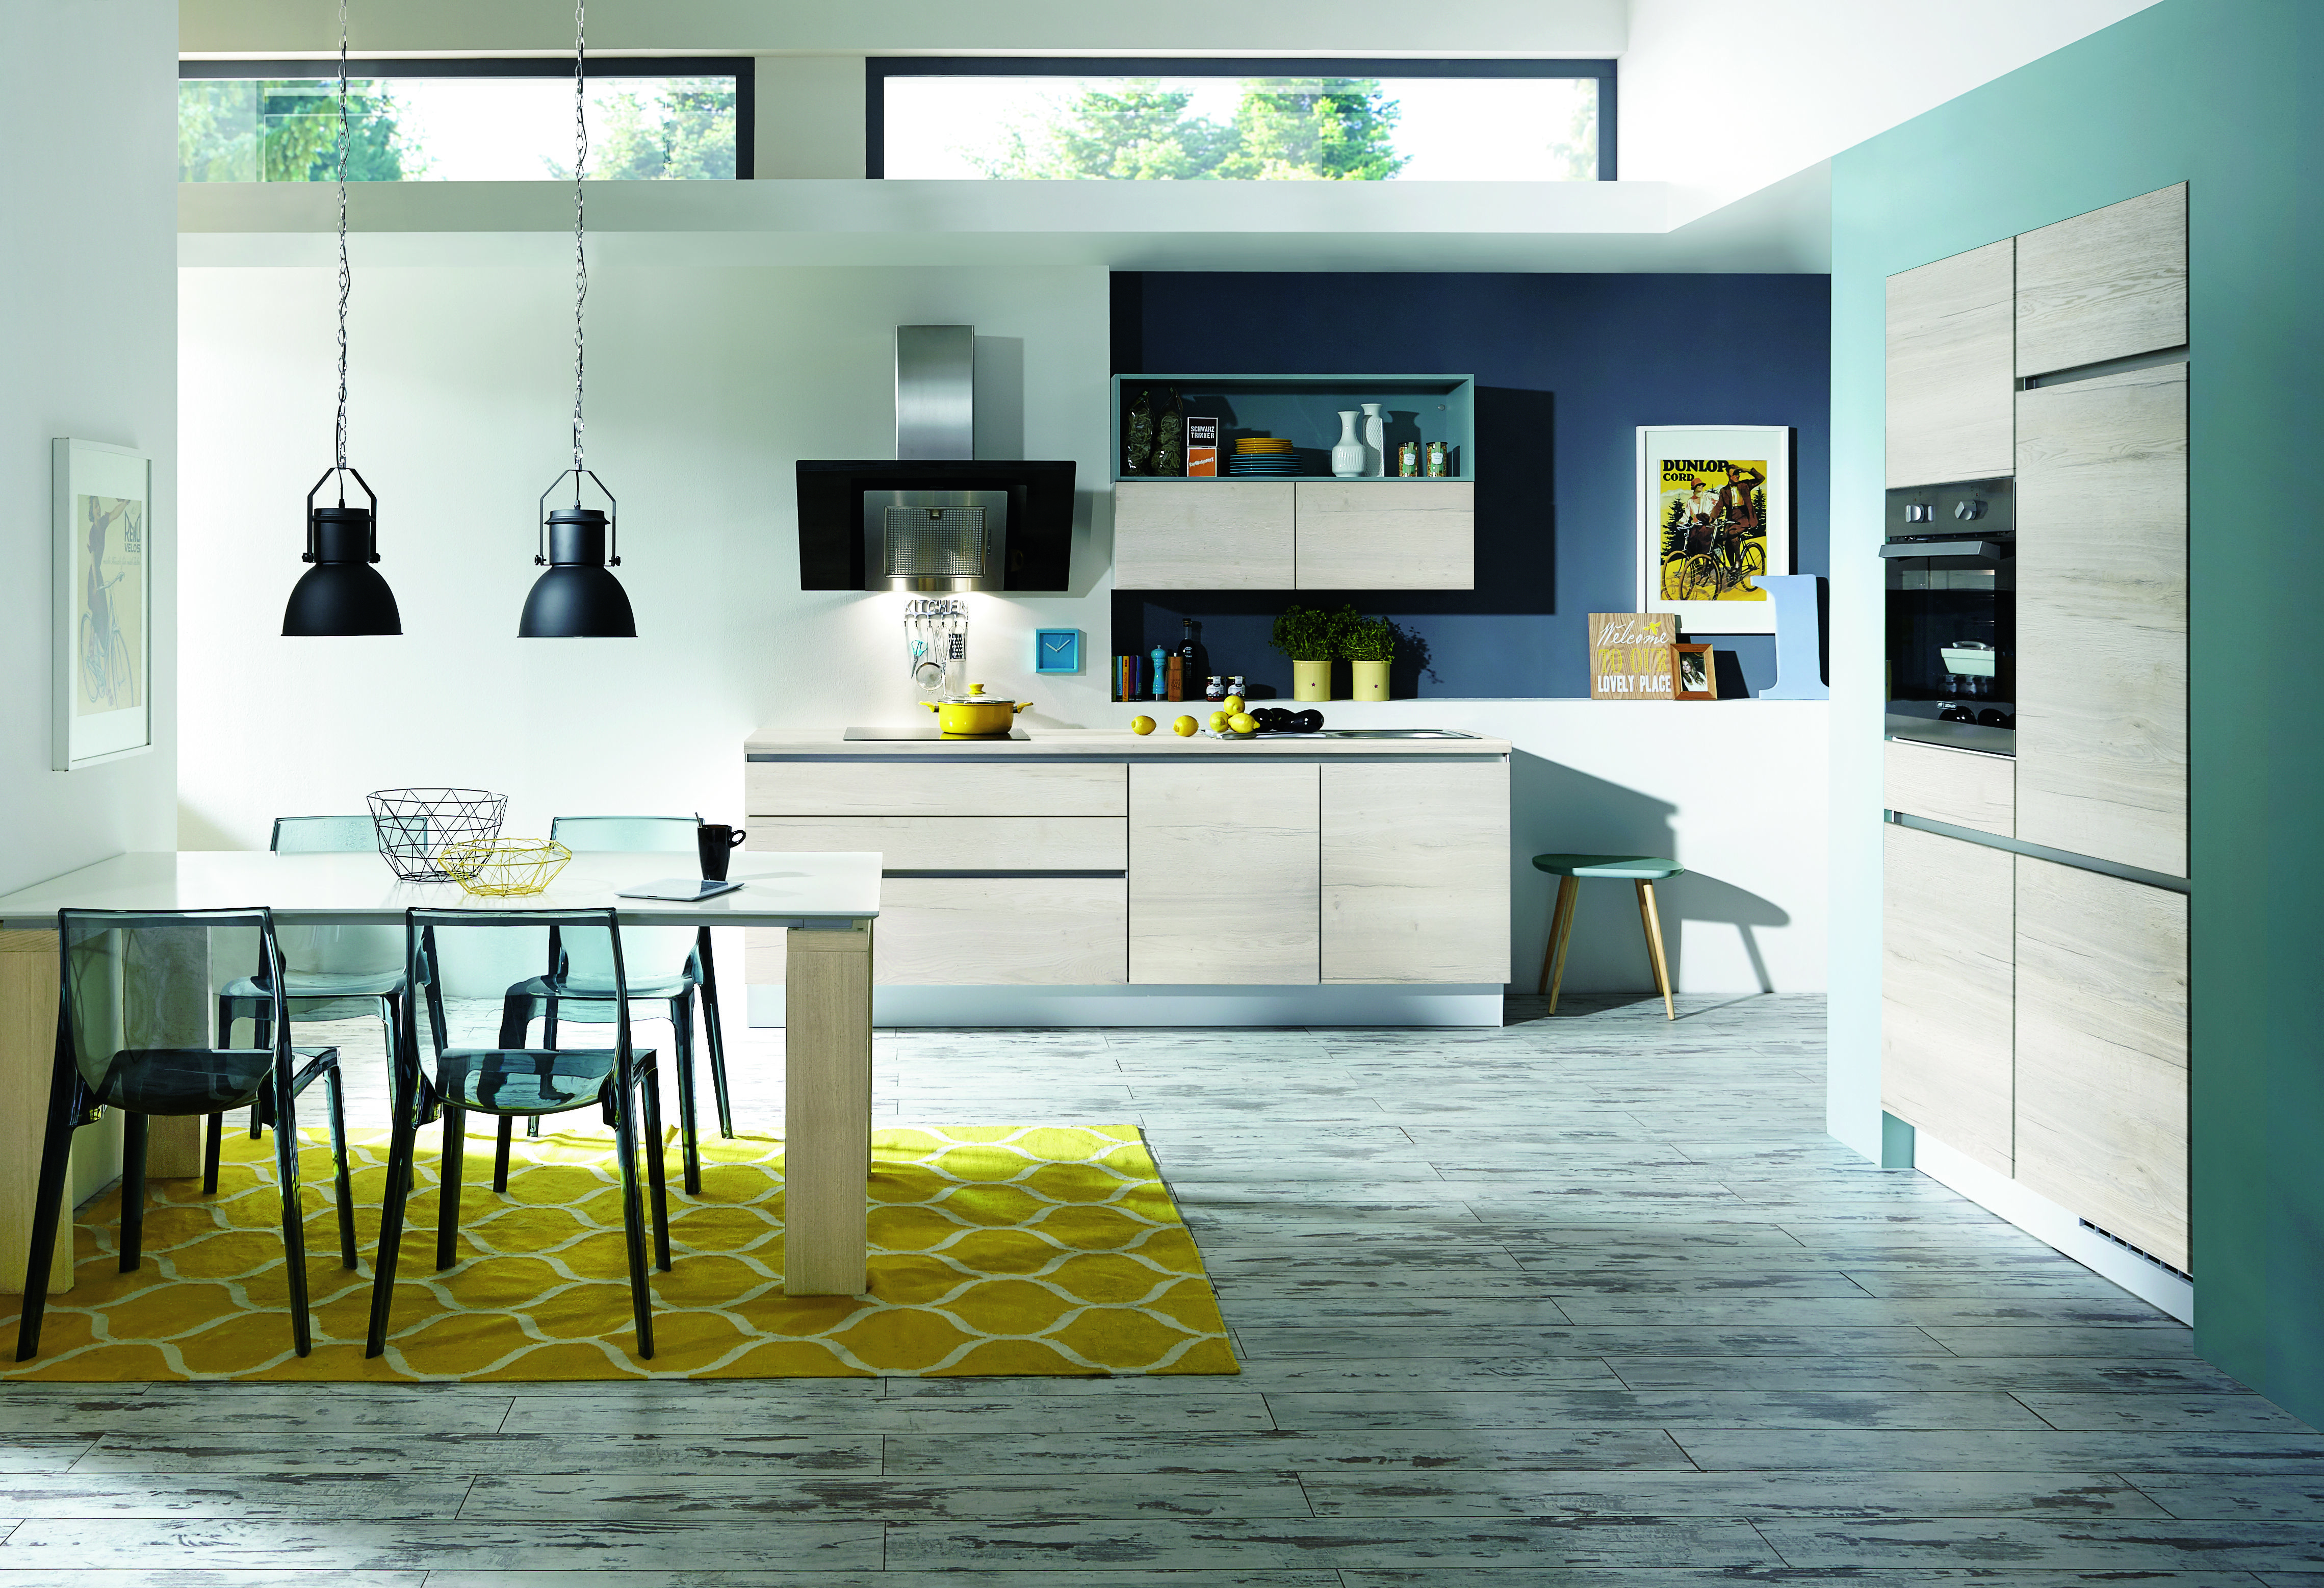 Kücheneinrichtung Mit Stil So Dekorieren Sie Ihre Küche Richtig